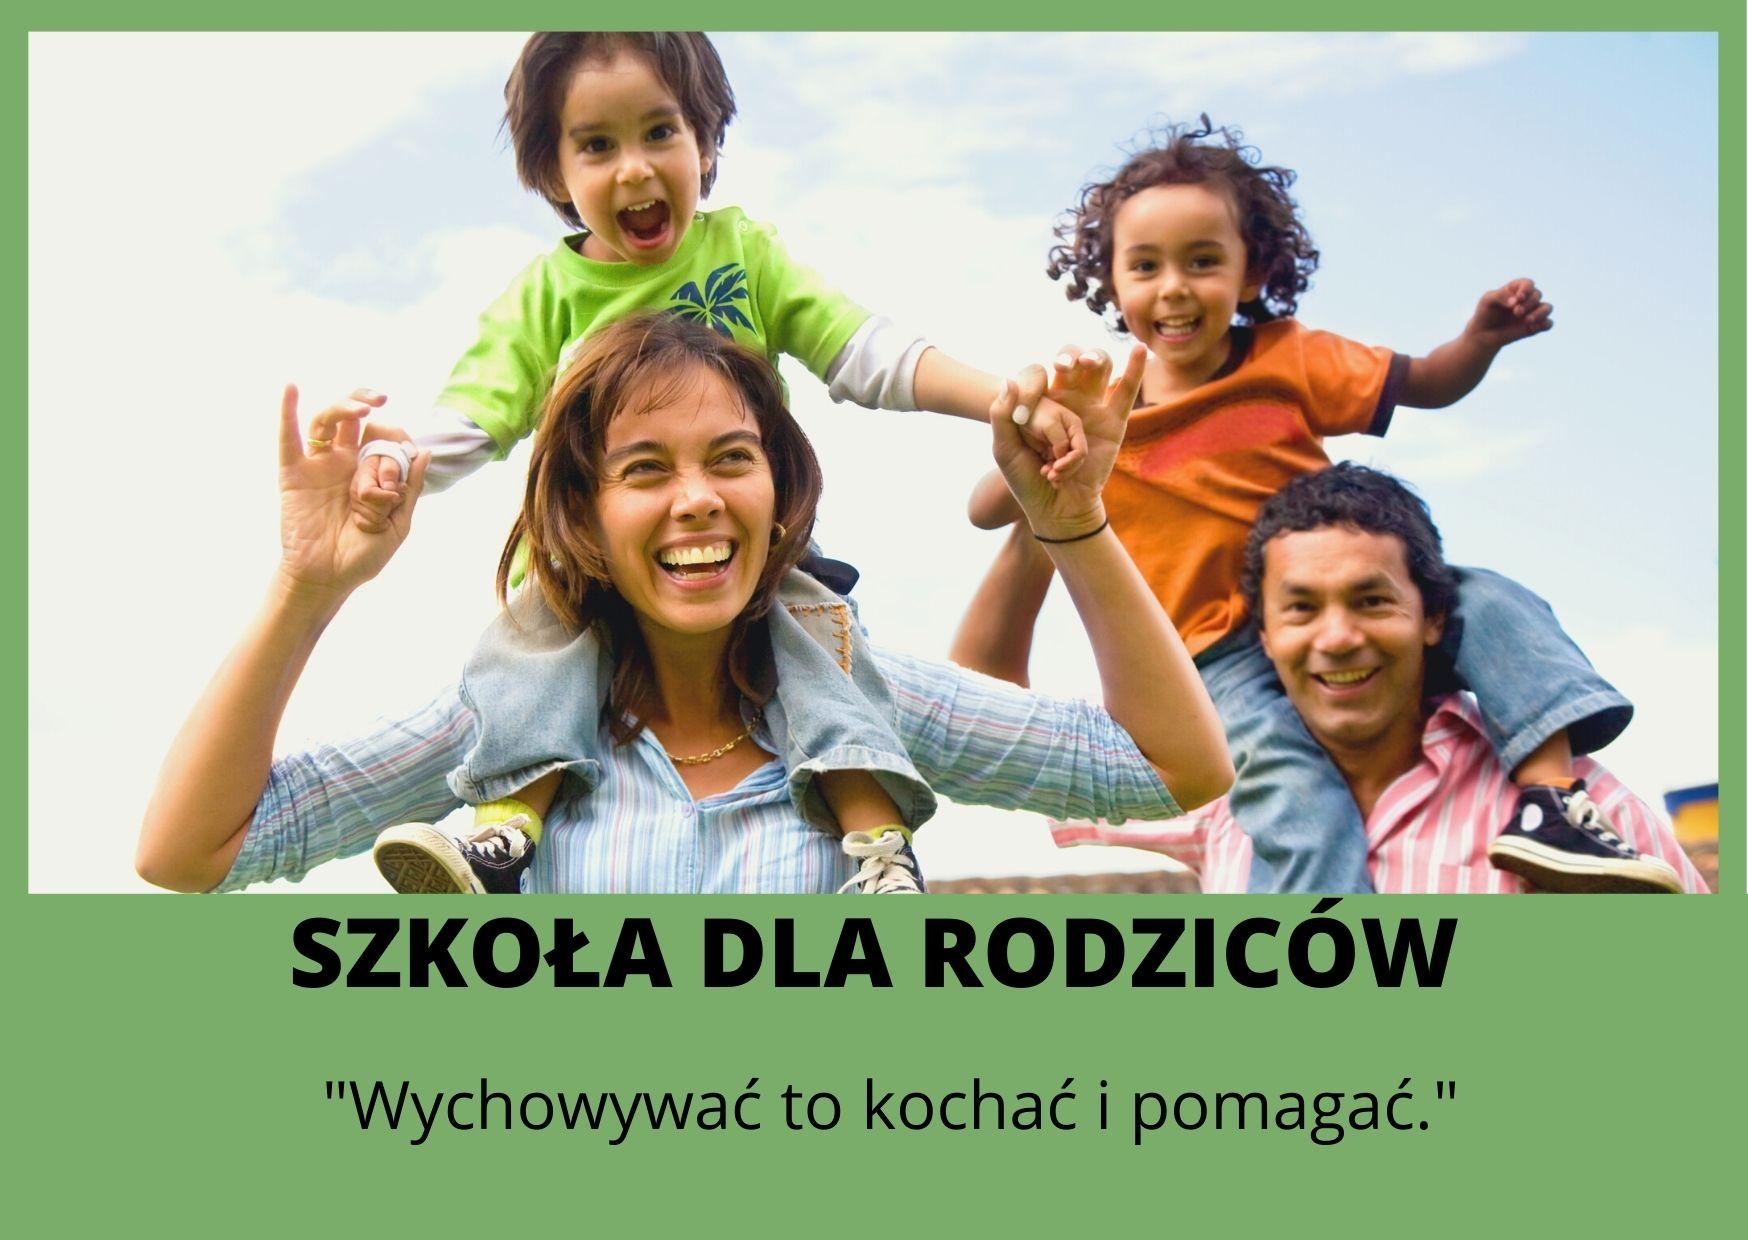 SZKOŁA DLA RODZICÓW EDYCJA 2021/2022